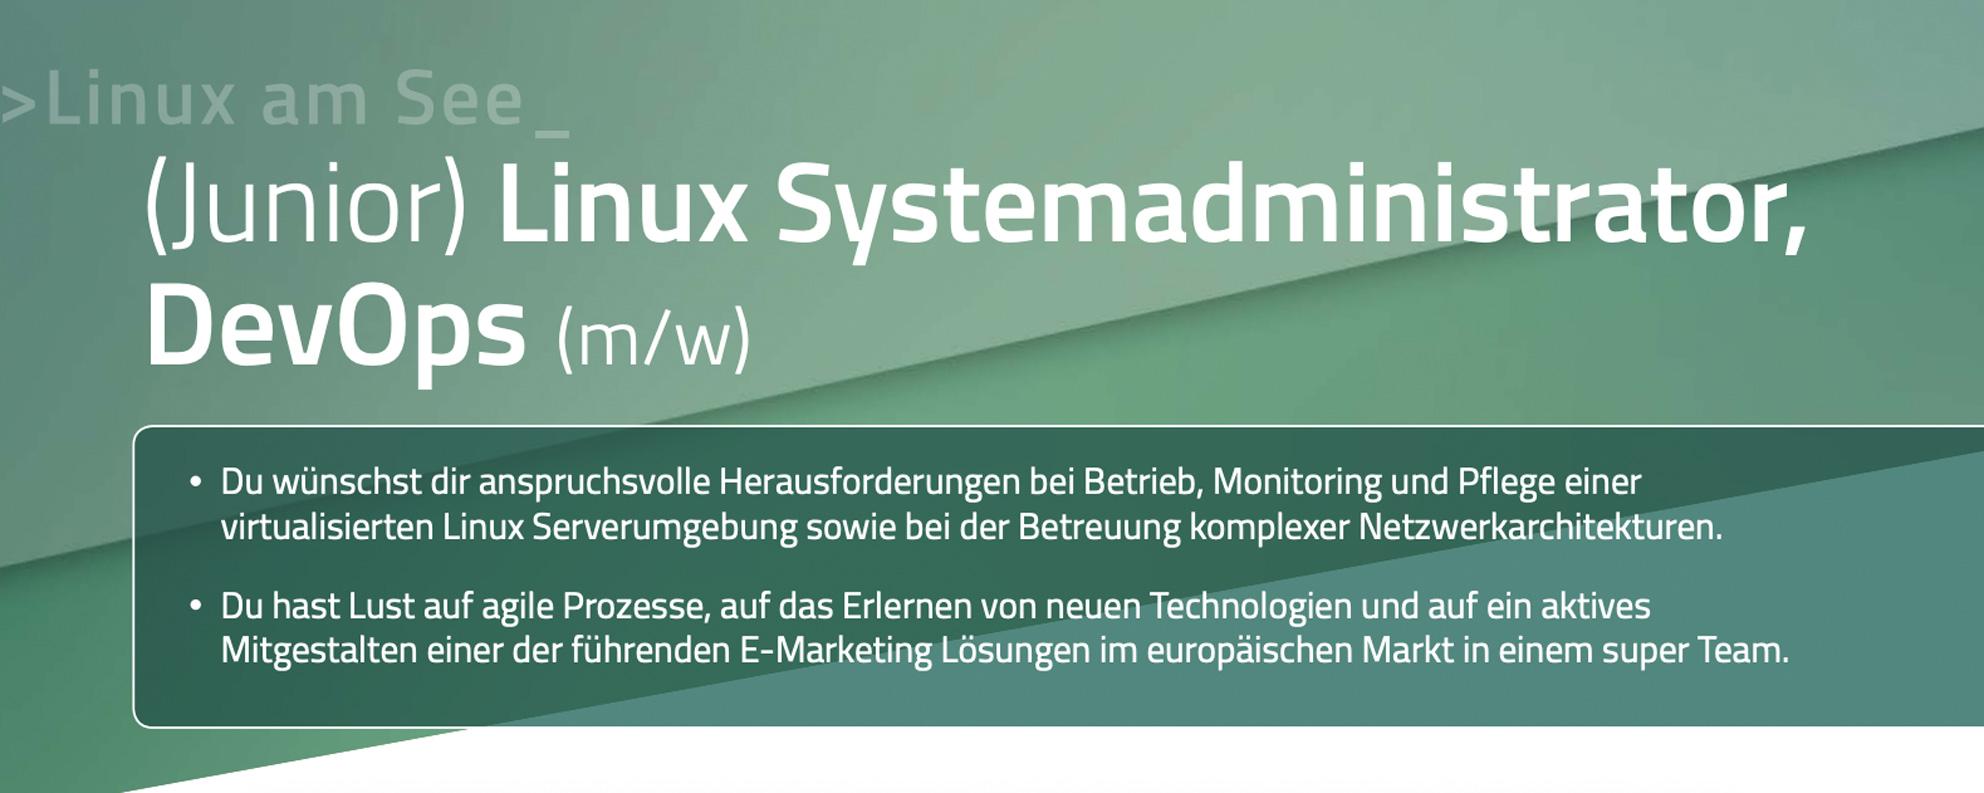 junior-linux-systemadministrator-devops-starnberg